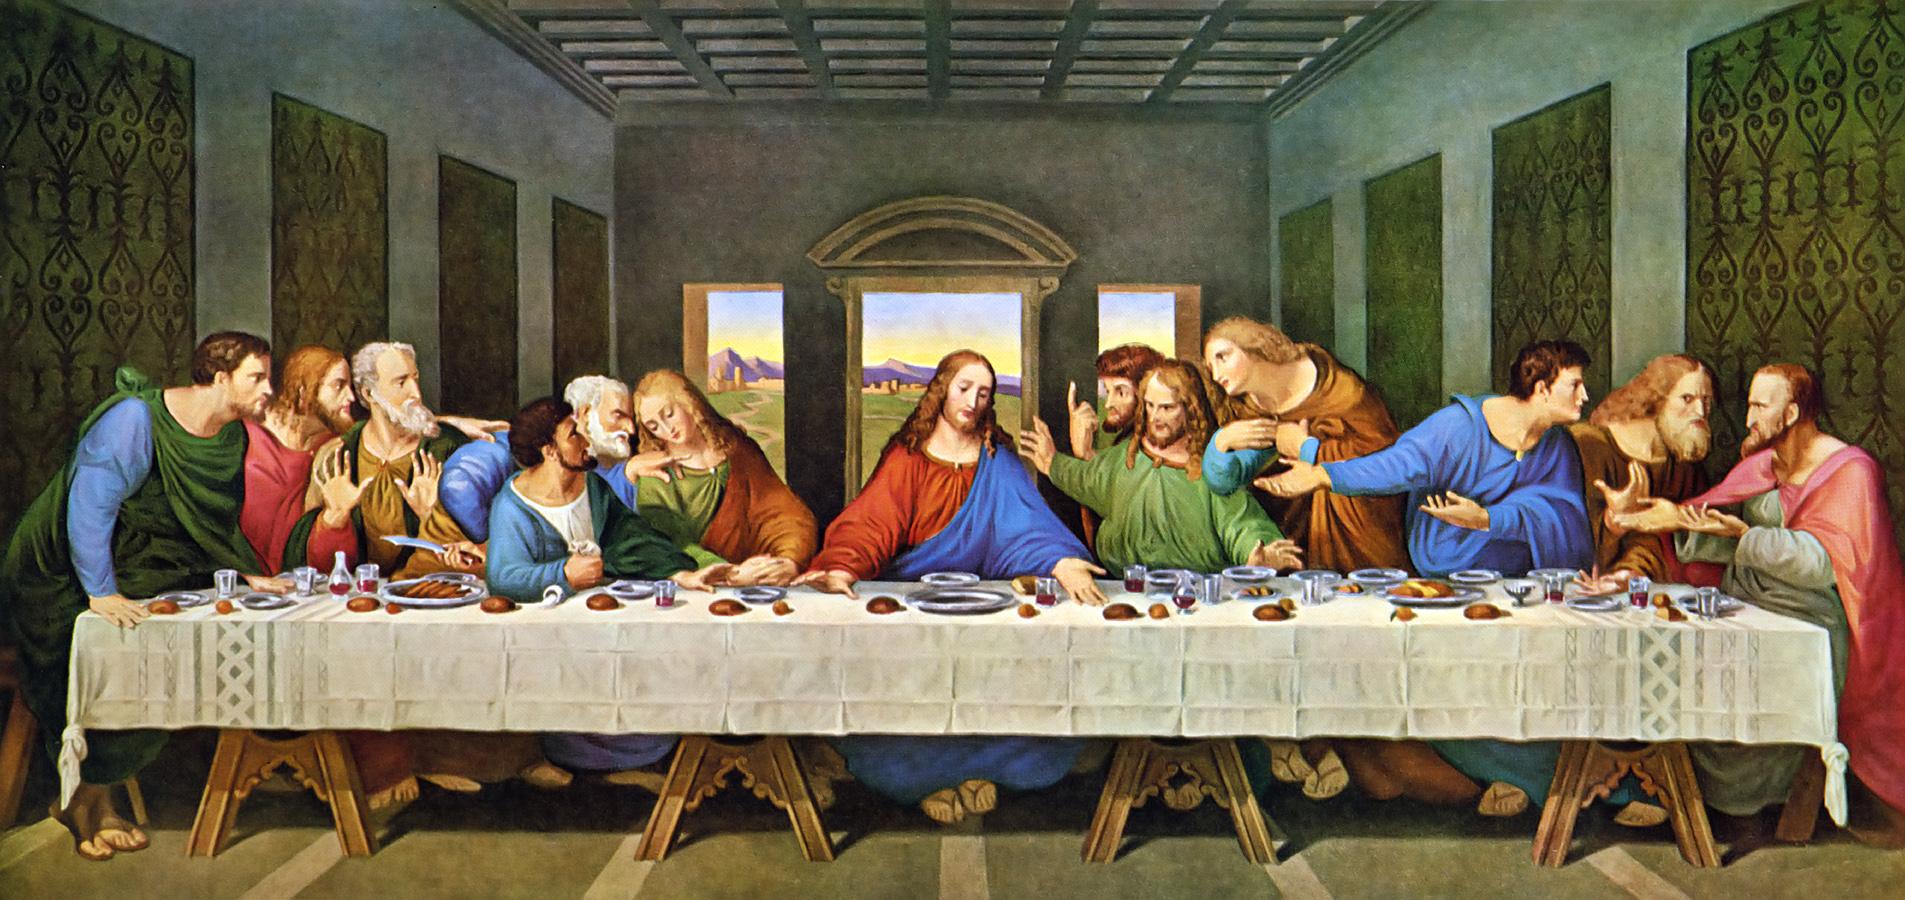 Risultati immagini per ultima cena